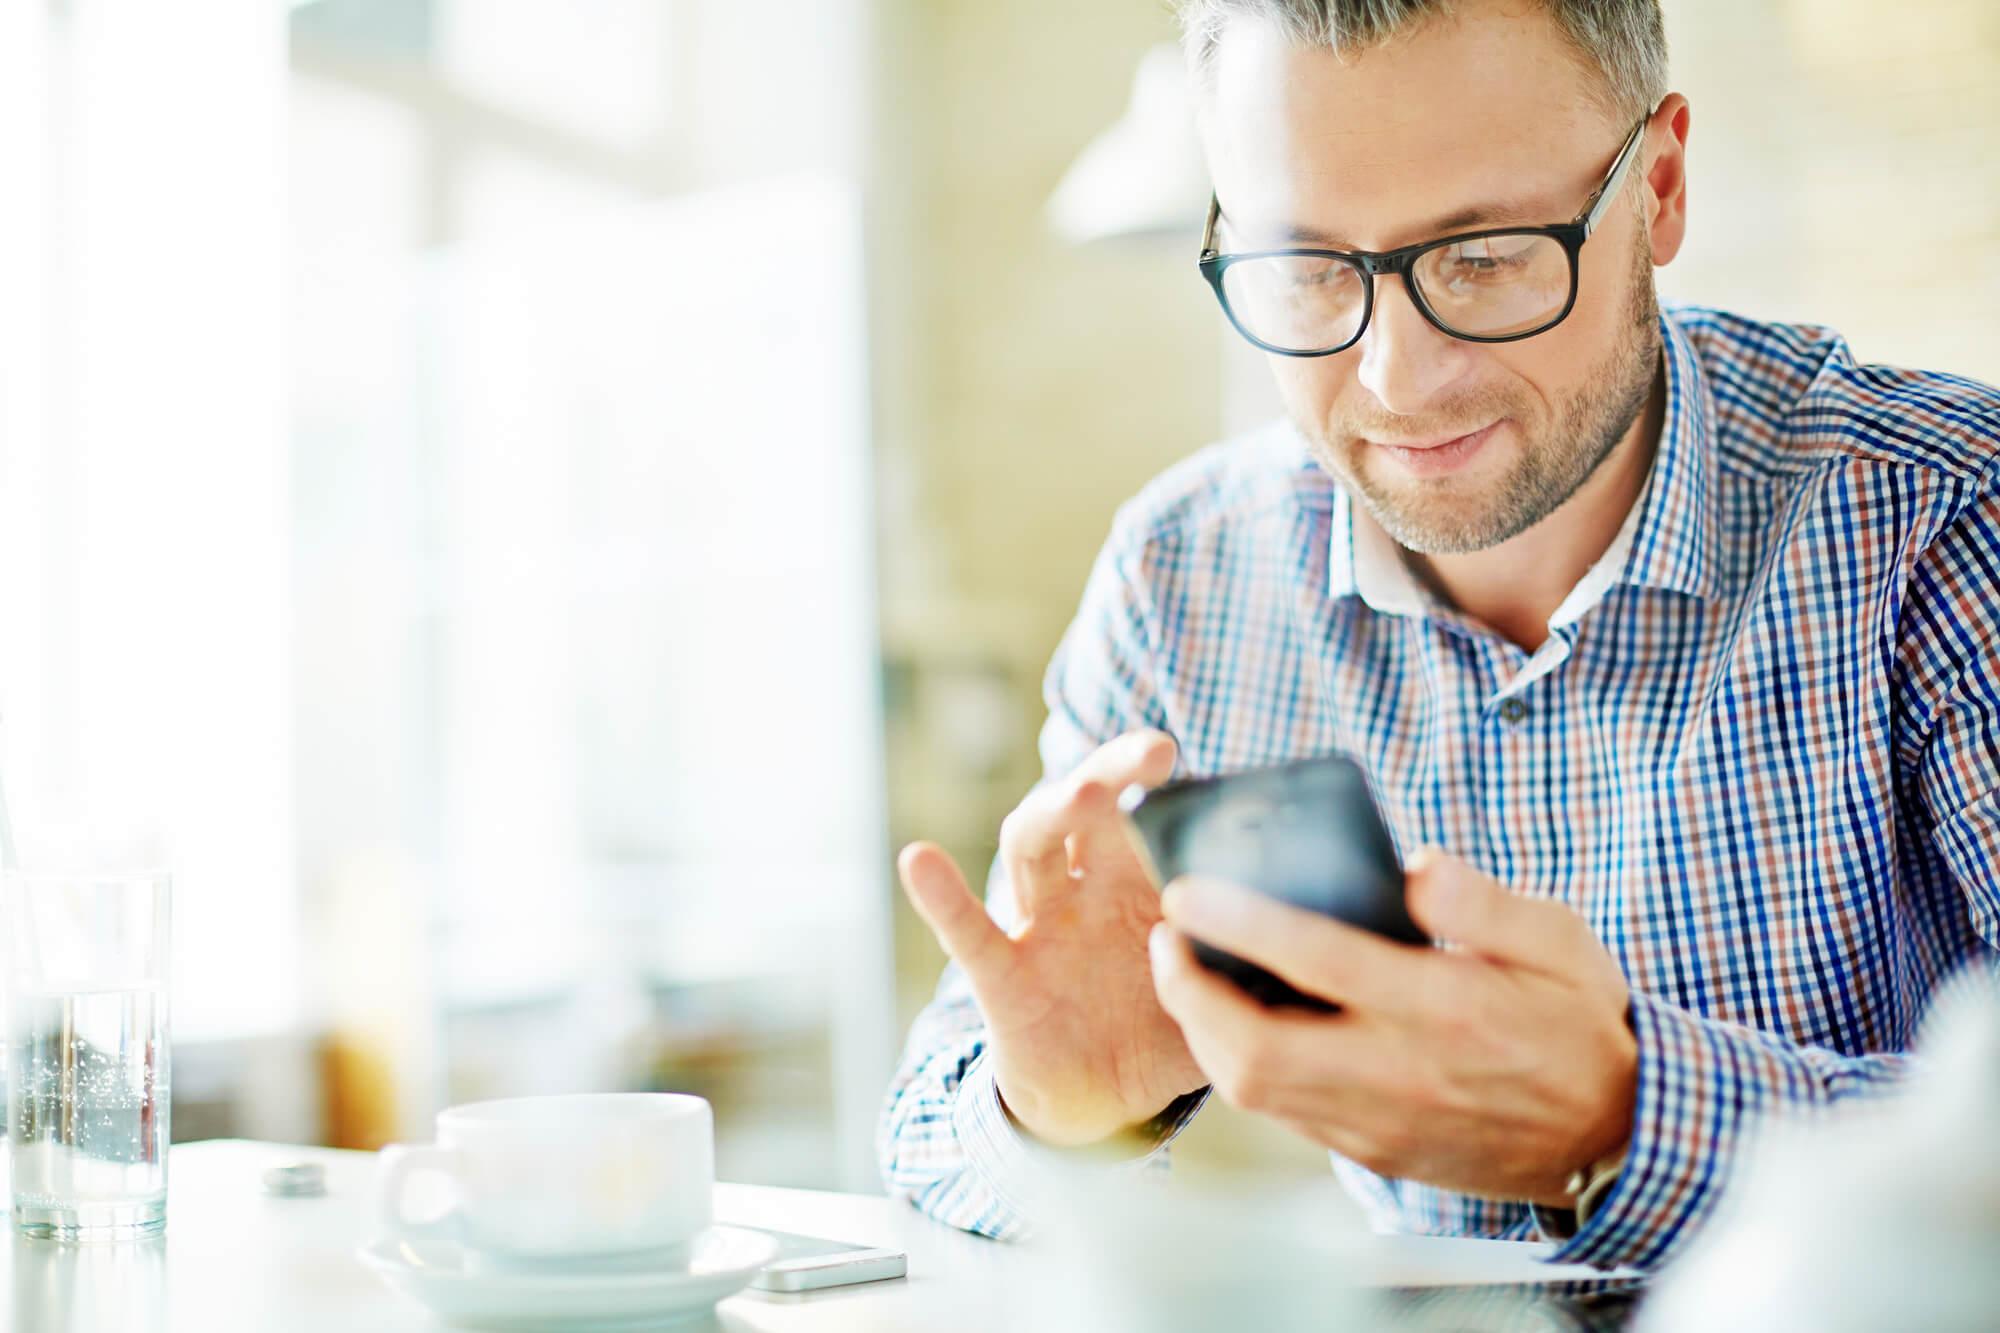 marketing-via-sms-solucione-as-7-duvidas-mais-comuns